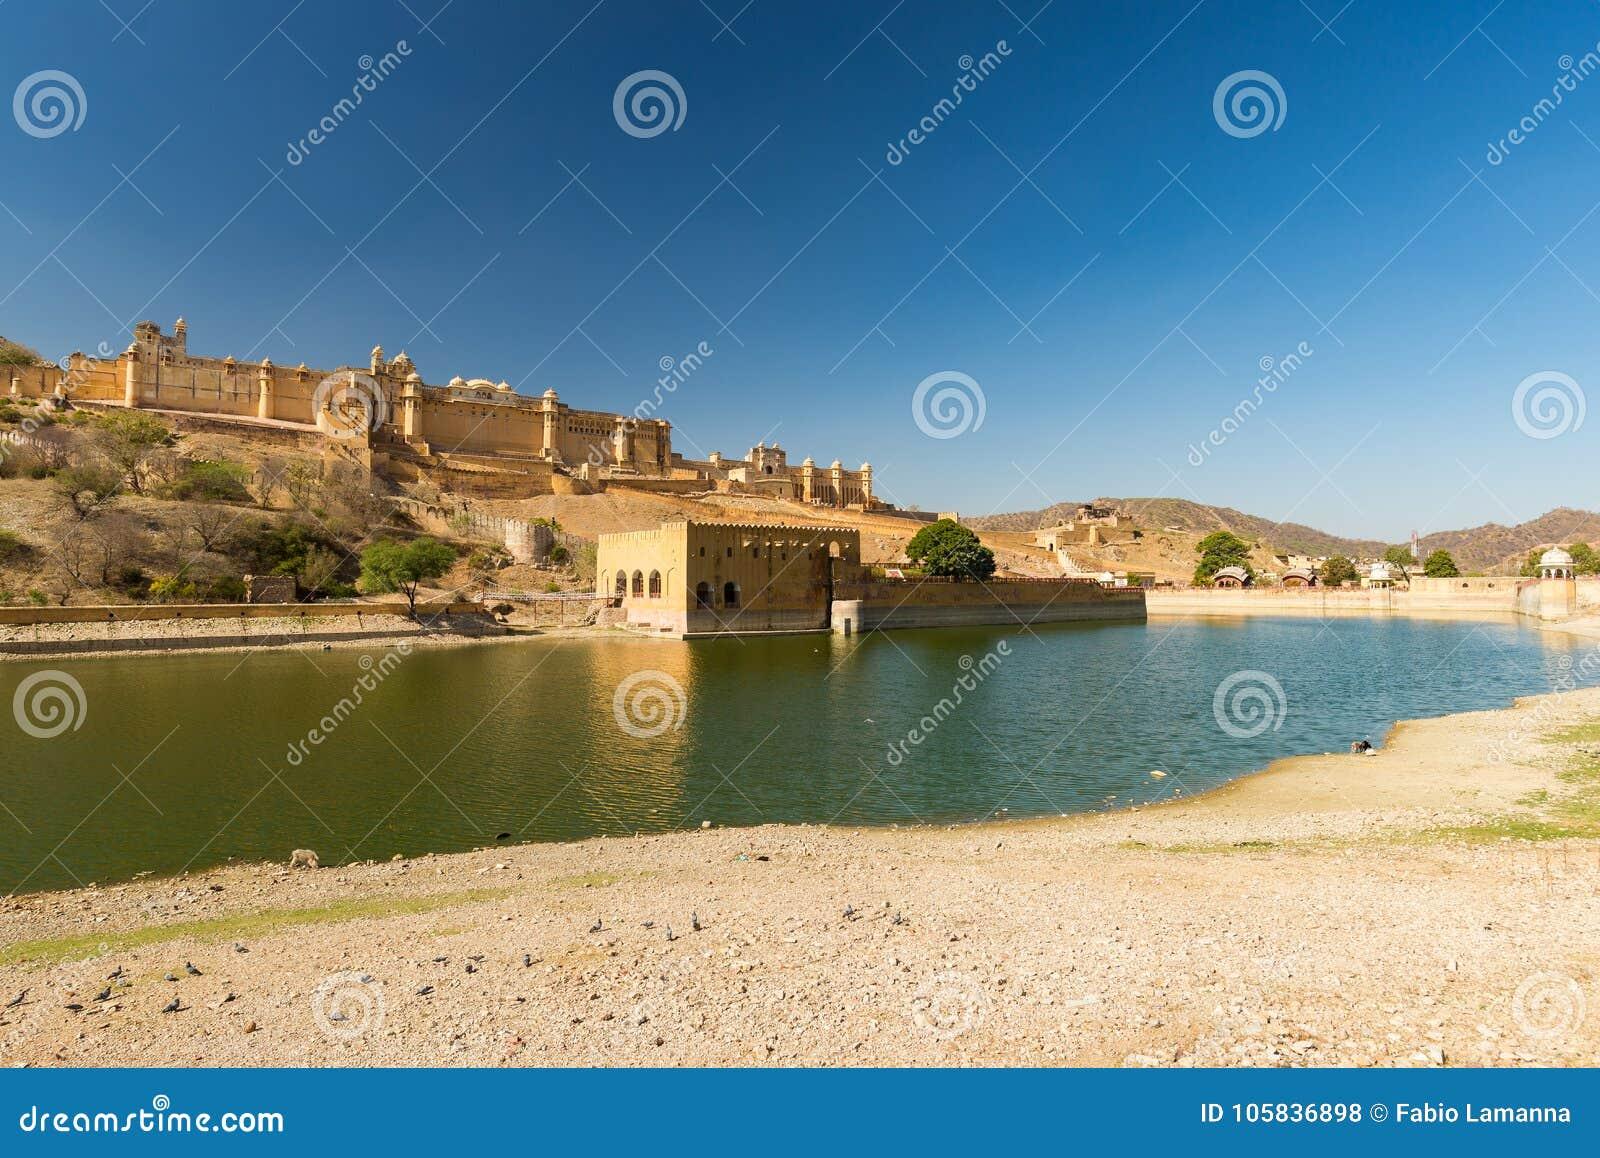 Янтарный форт, известное назначение перемещения в Джайпуре, Раджастхане, Индии Впечатляющие ландшафт и городской пейзаж